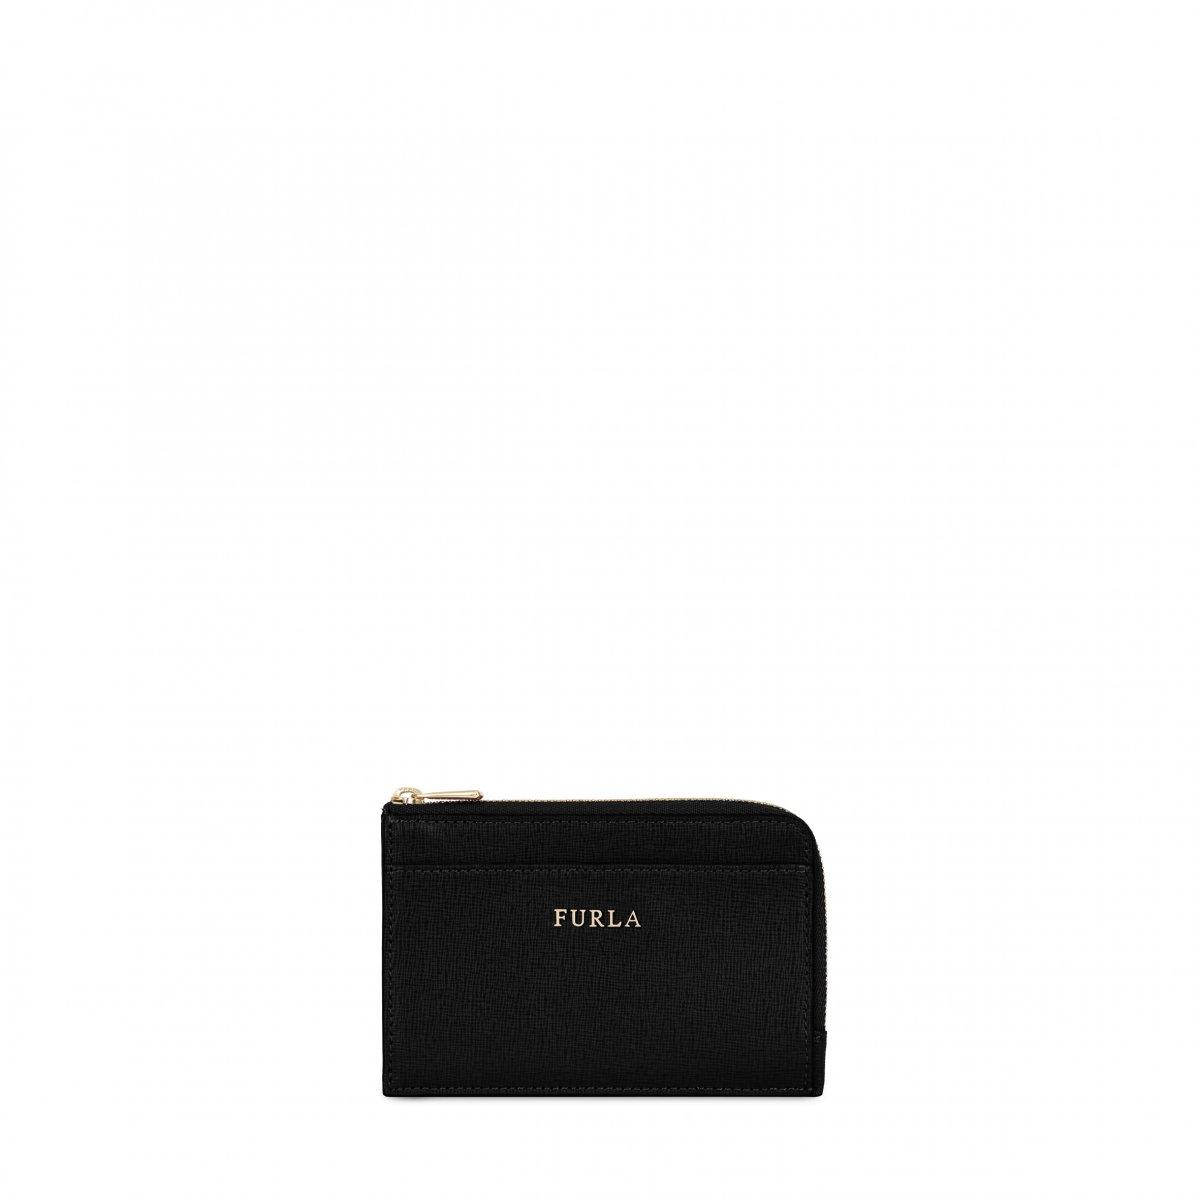 Peňaženka FURLA BABYLON M CREDIT CARD CASE